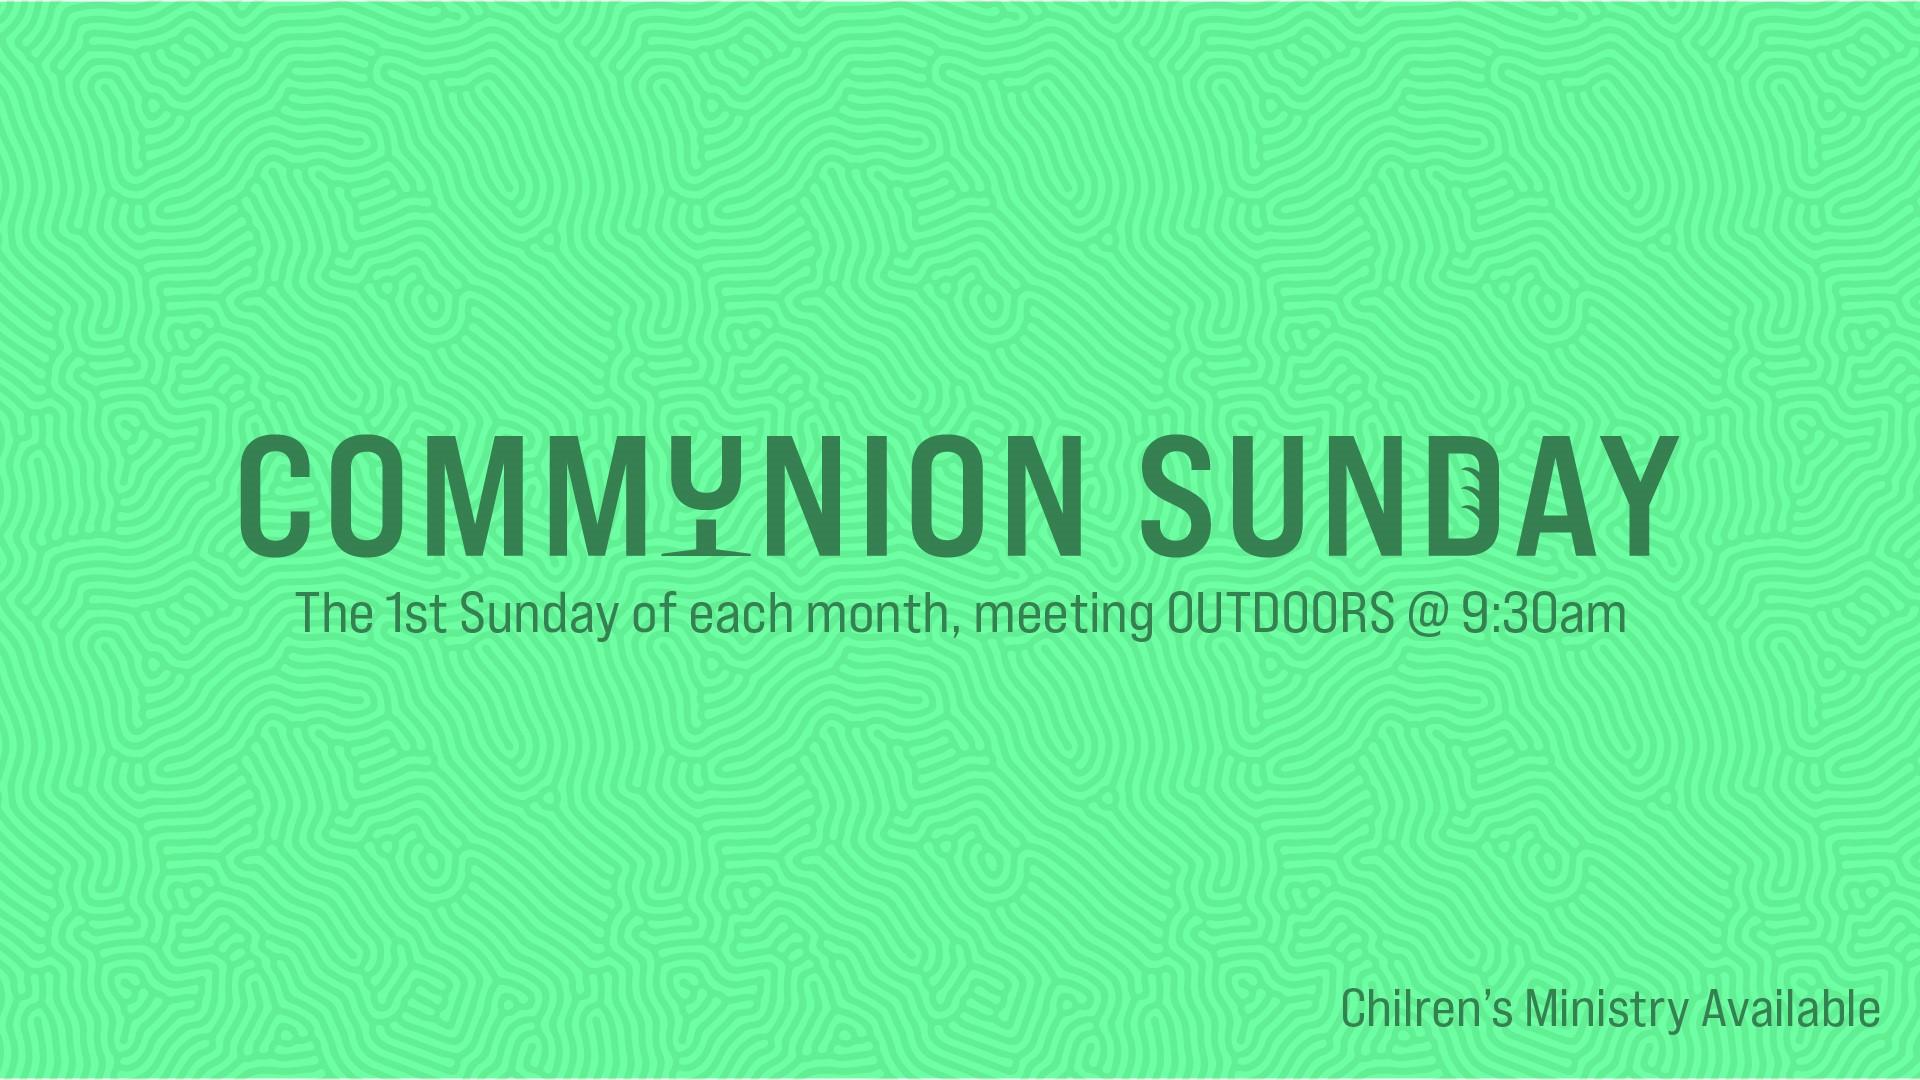 Communion Sunday Event